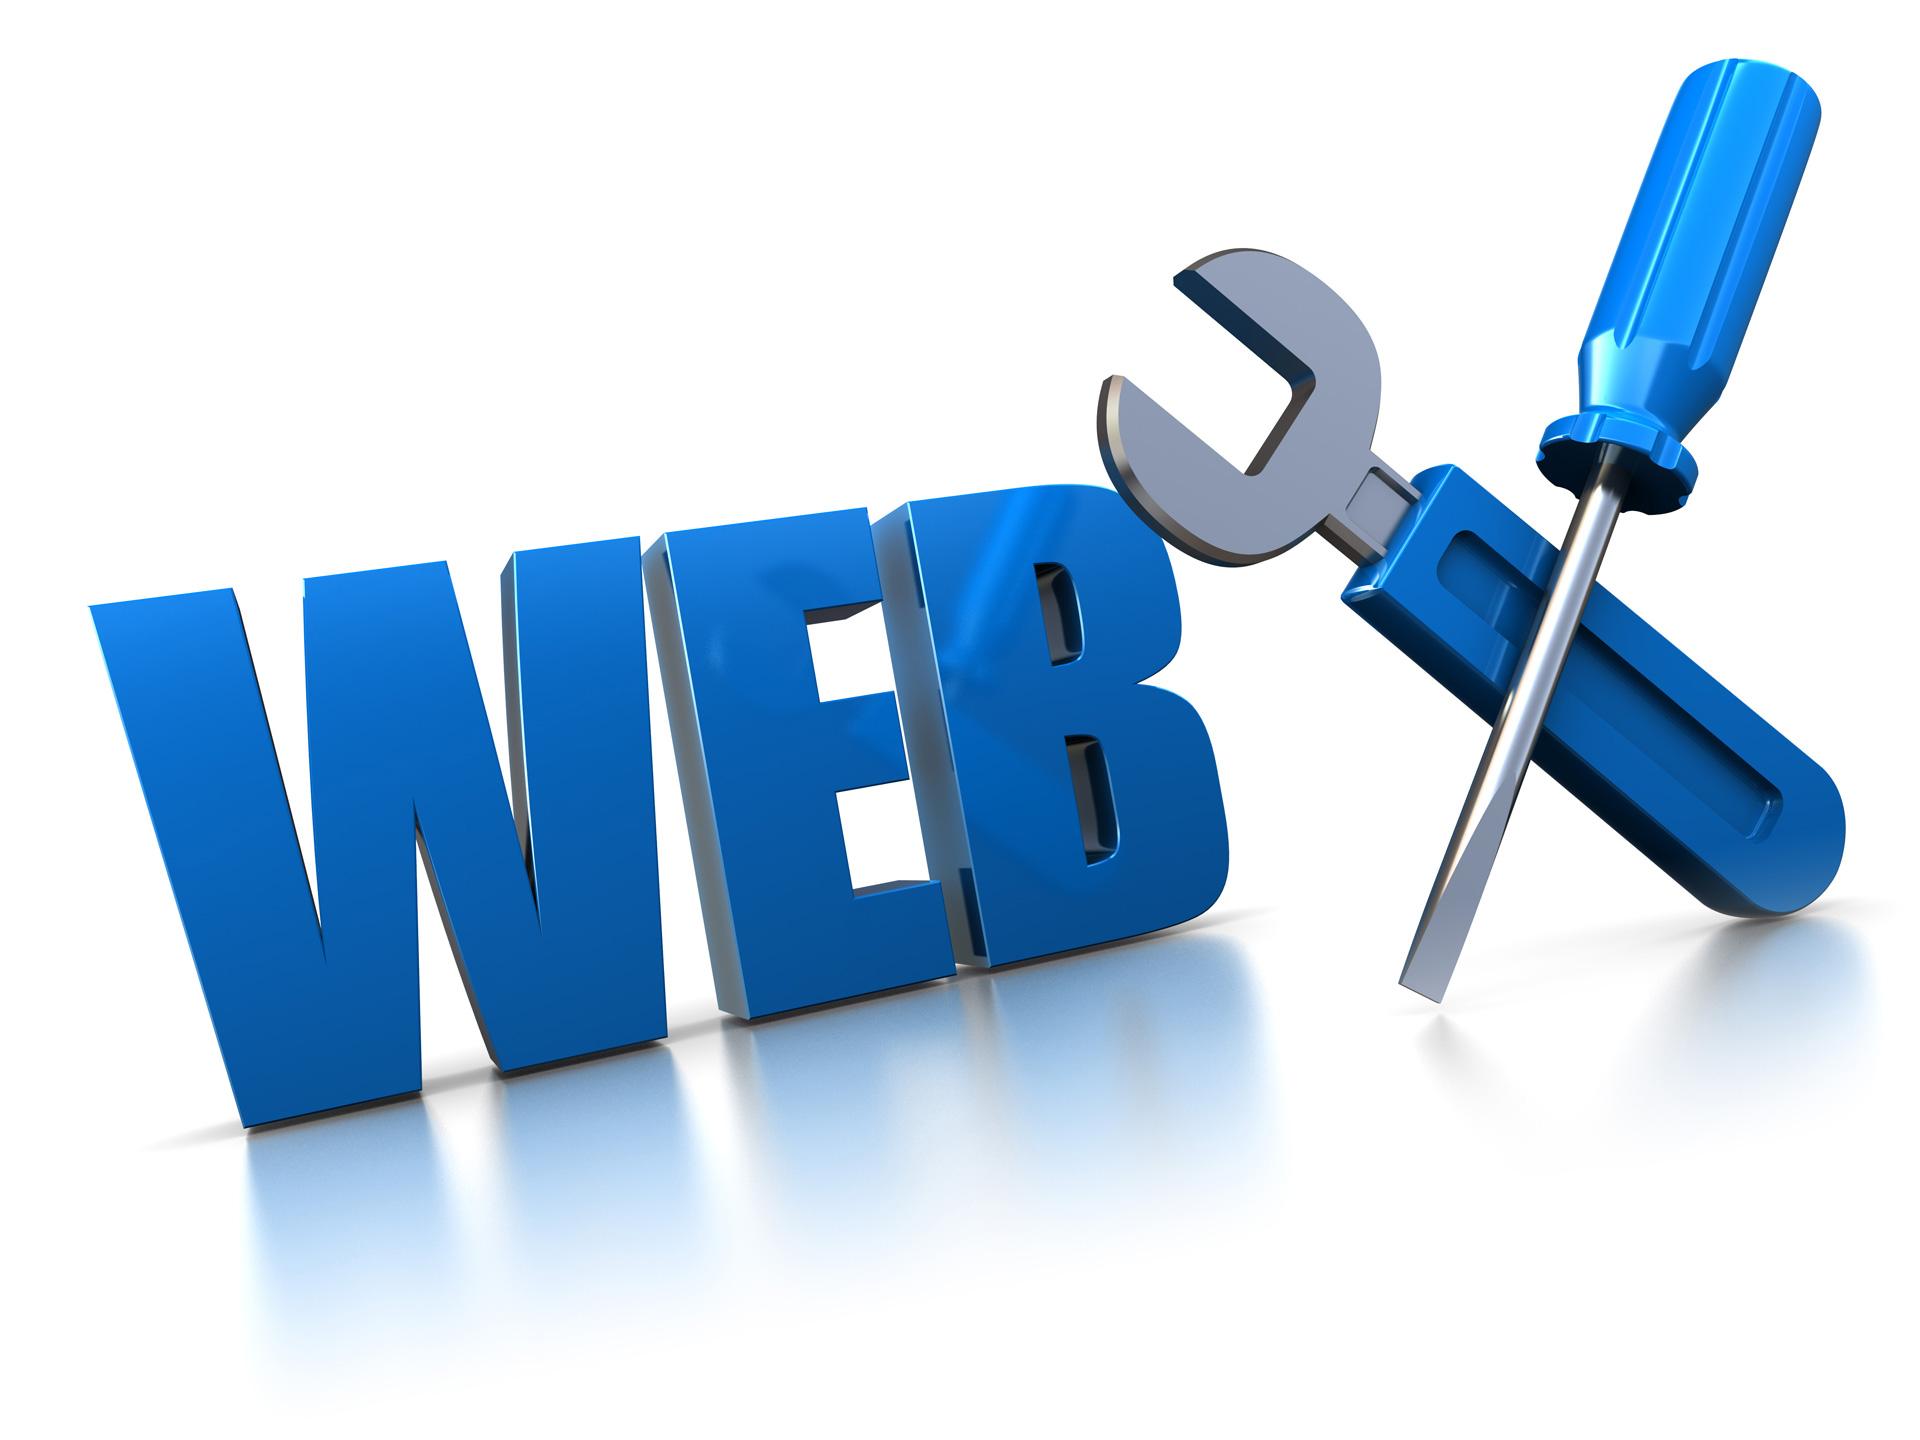 Planification de projet en création de site web